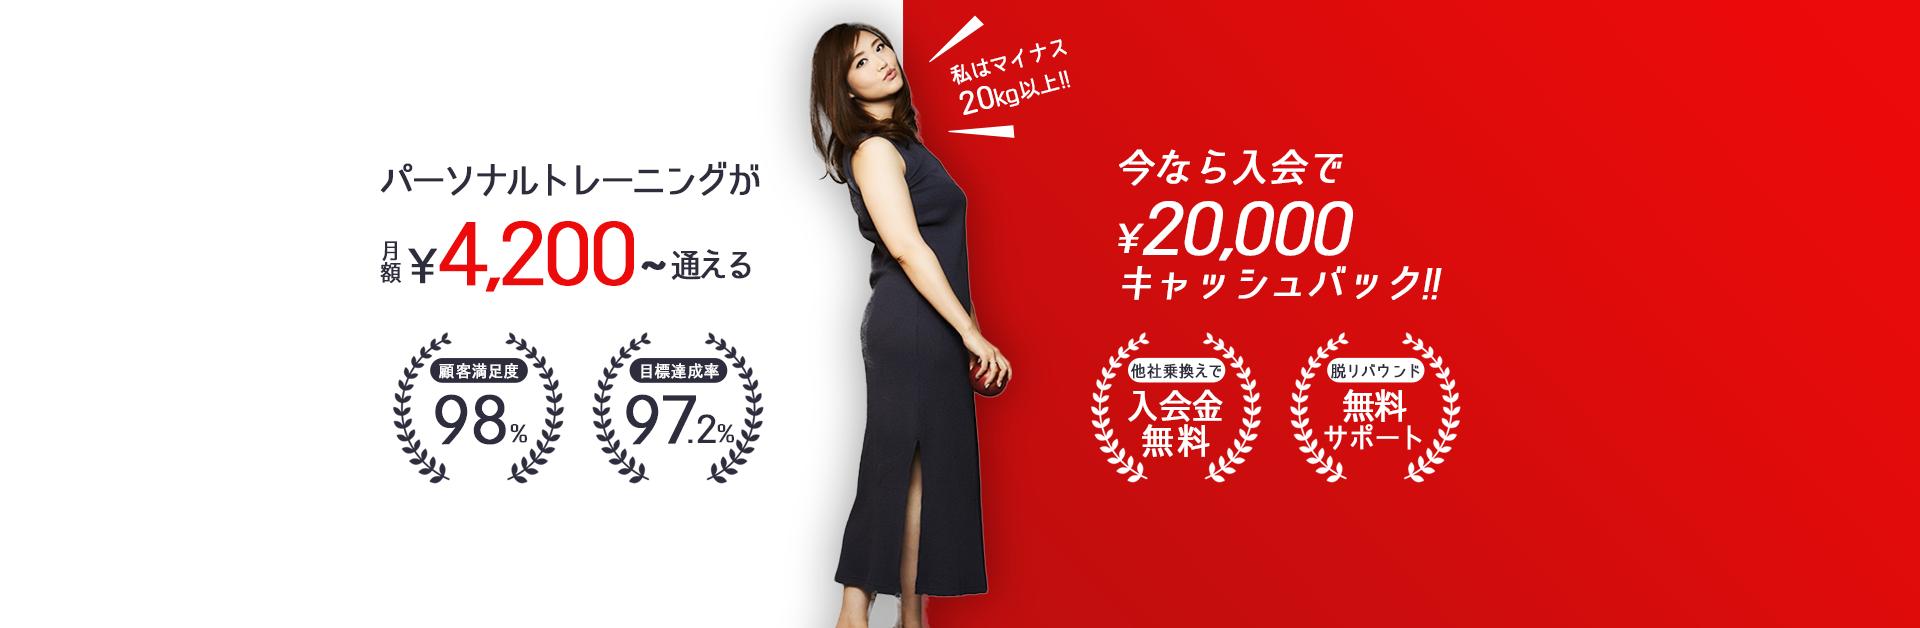 パーソナルトレーニングが月額4100円から通える!今なら入会で20000円キャッシュバック!